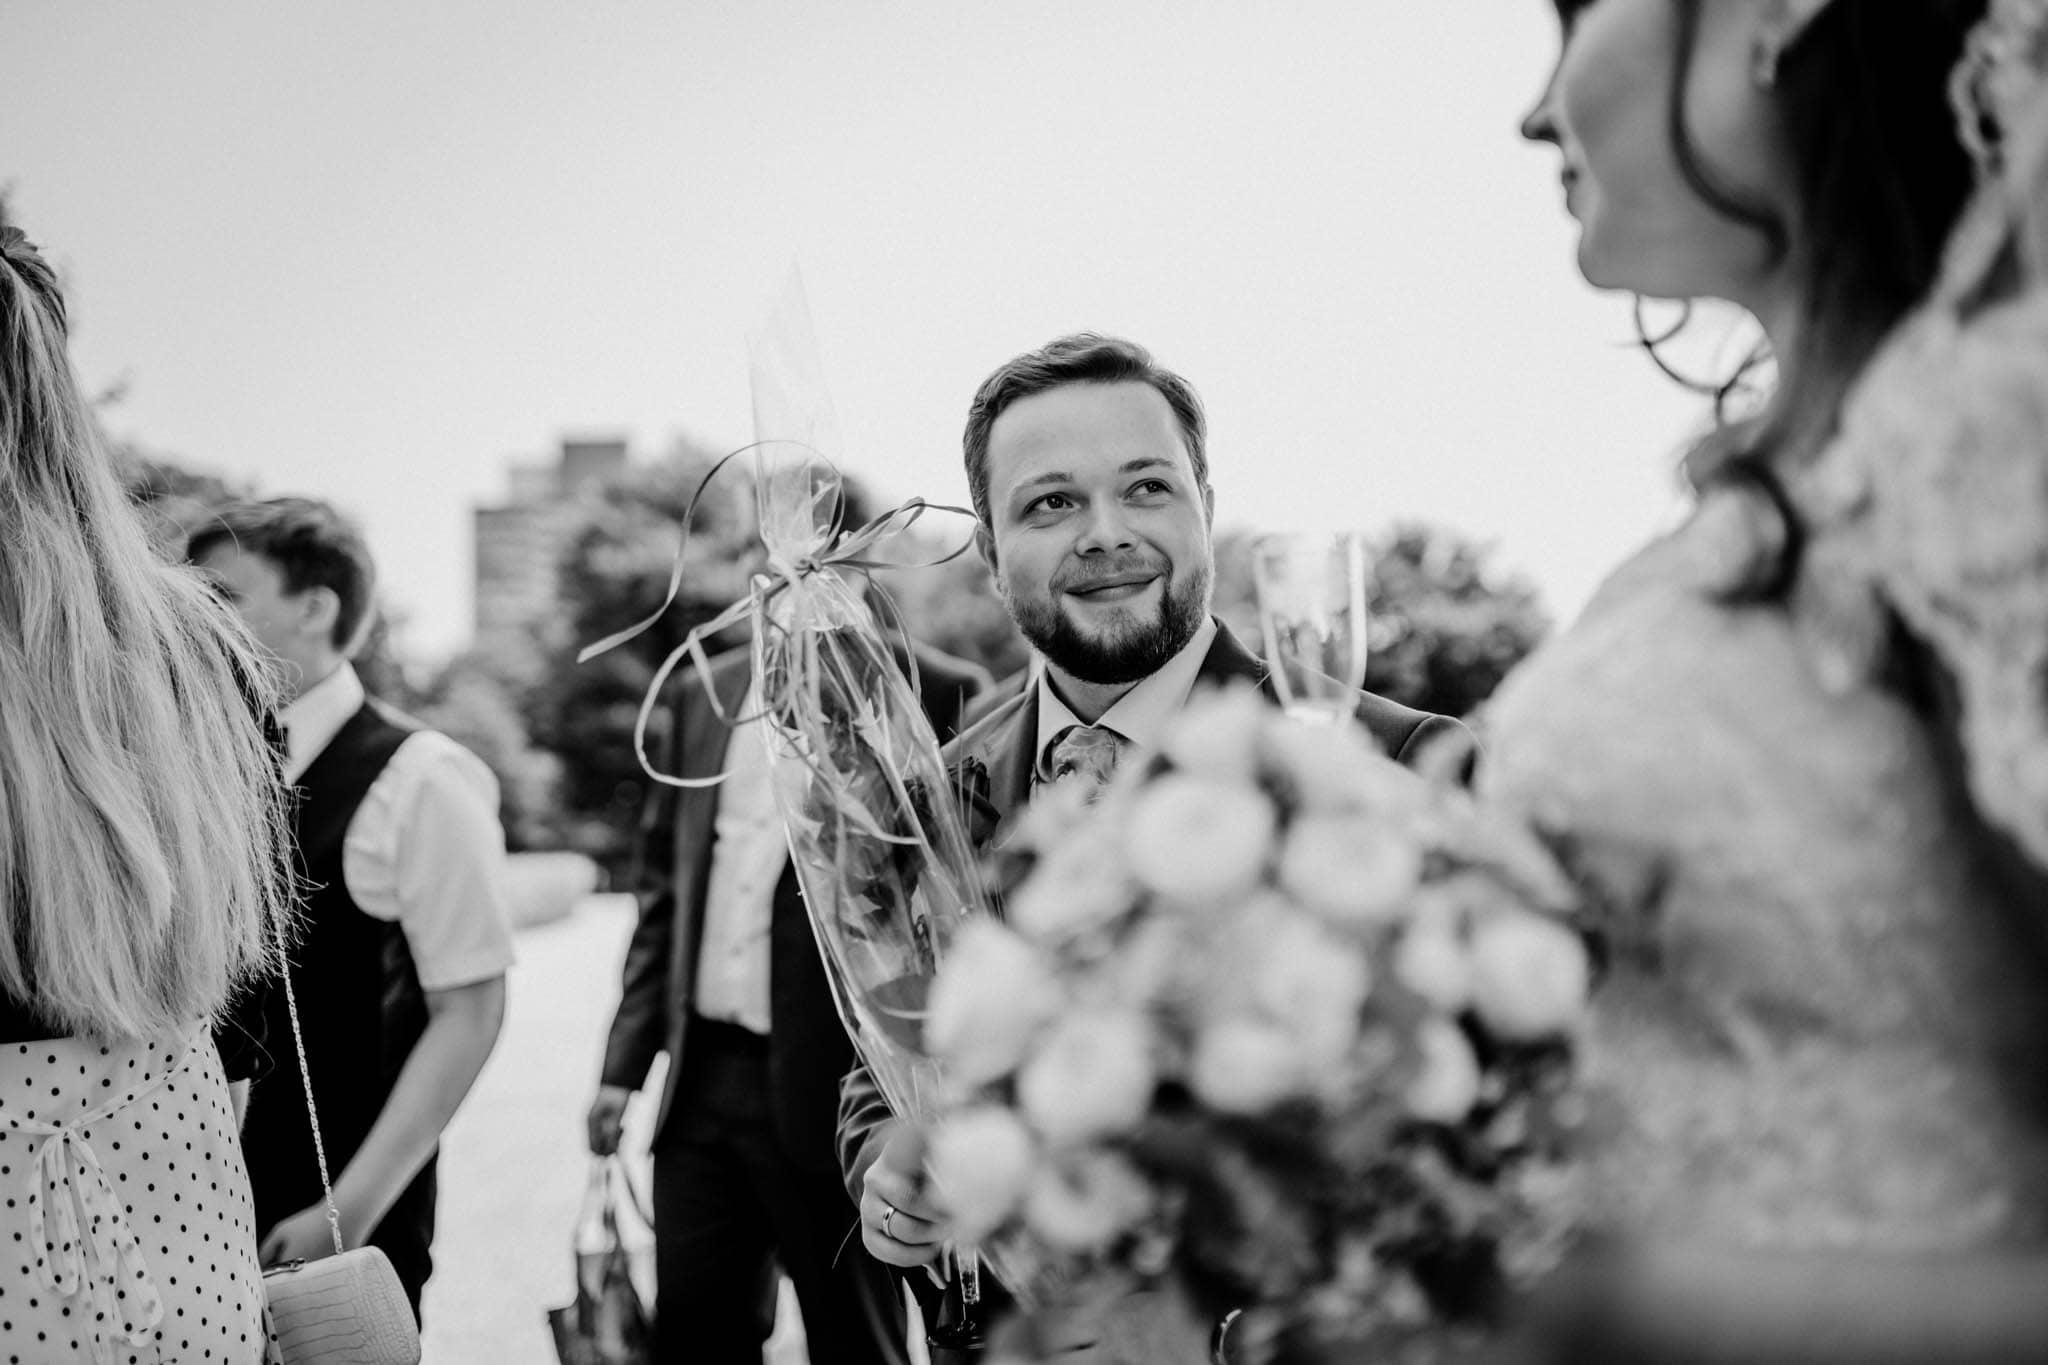 Hochzeitsfieber by Photo-Schomburg, Hochzeitsfotograf, Hamburg, Altona, wedding, Standesamt Altona, Appen, Hochzeitsshooting, Hochzeitstag, Brautpaar-66